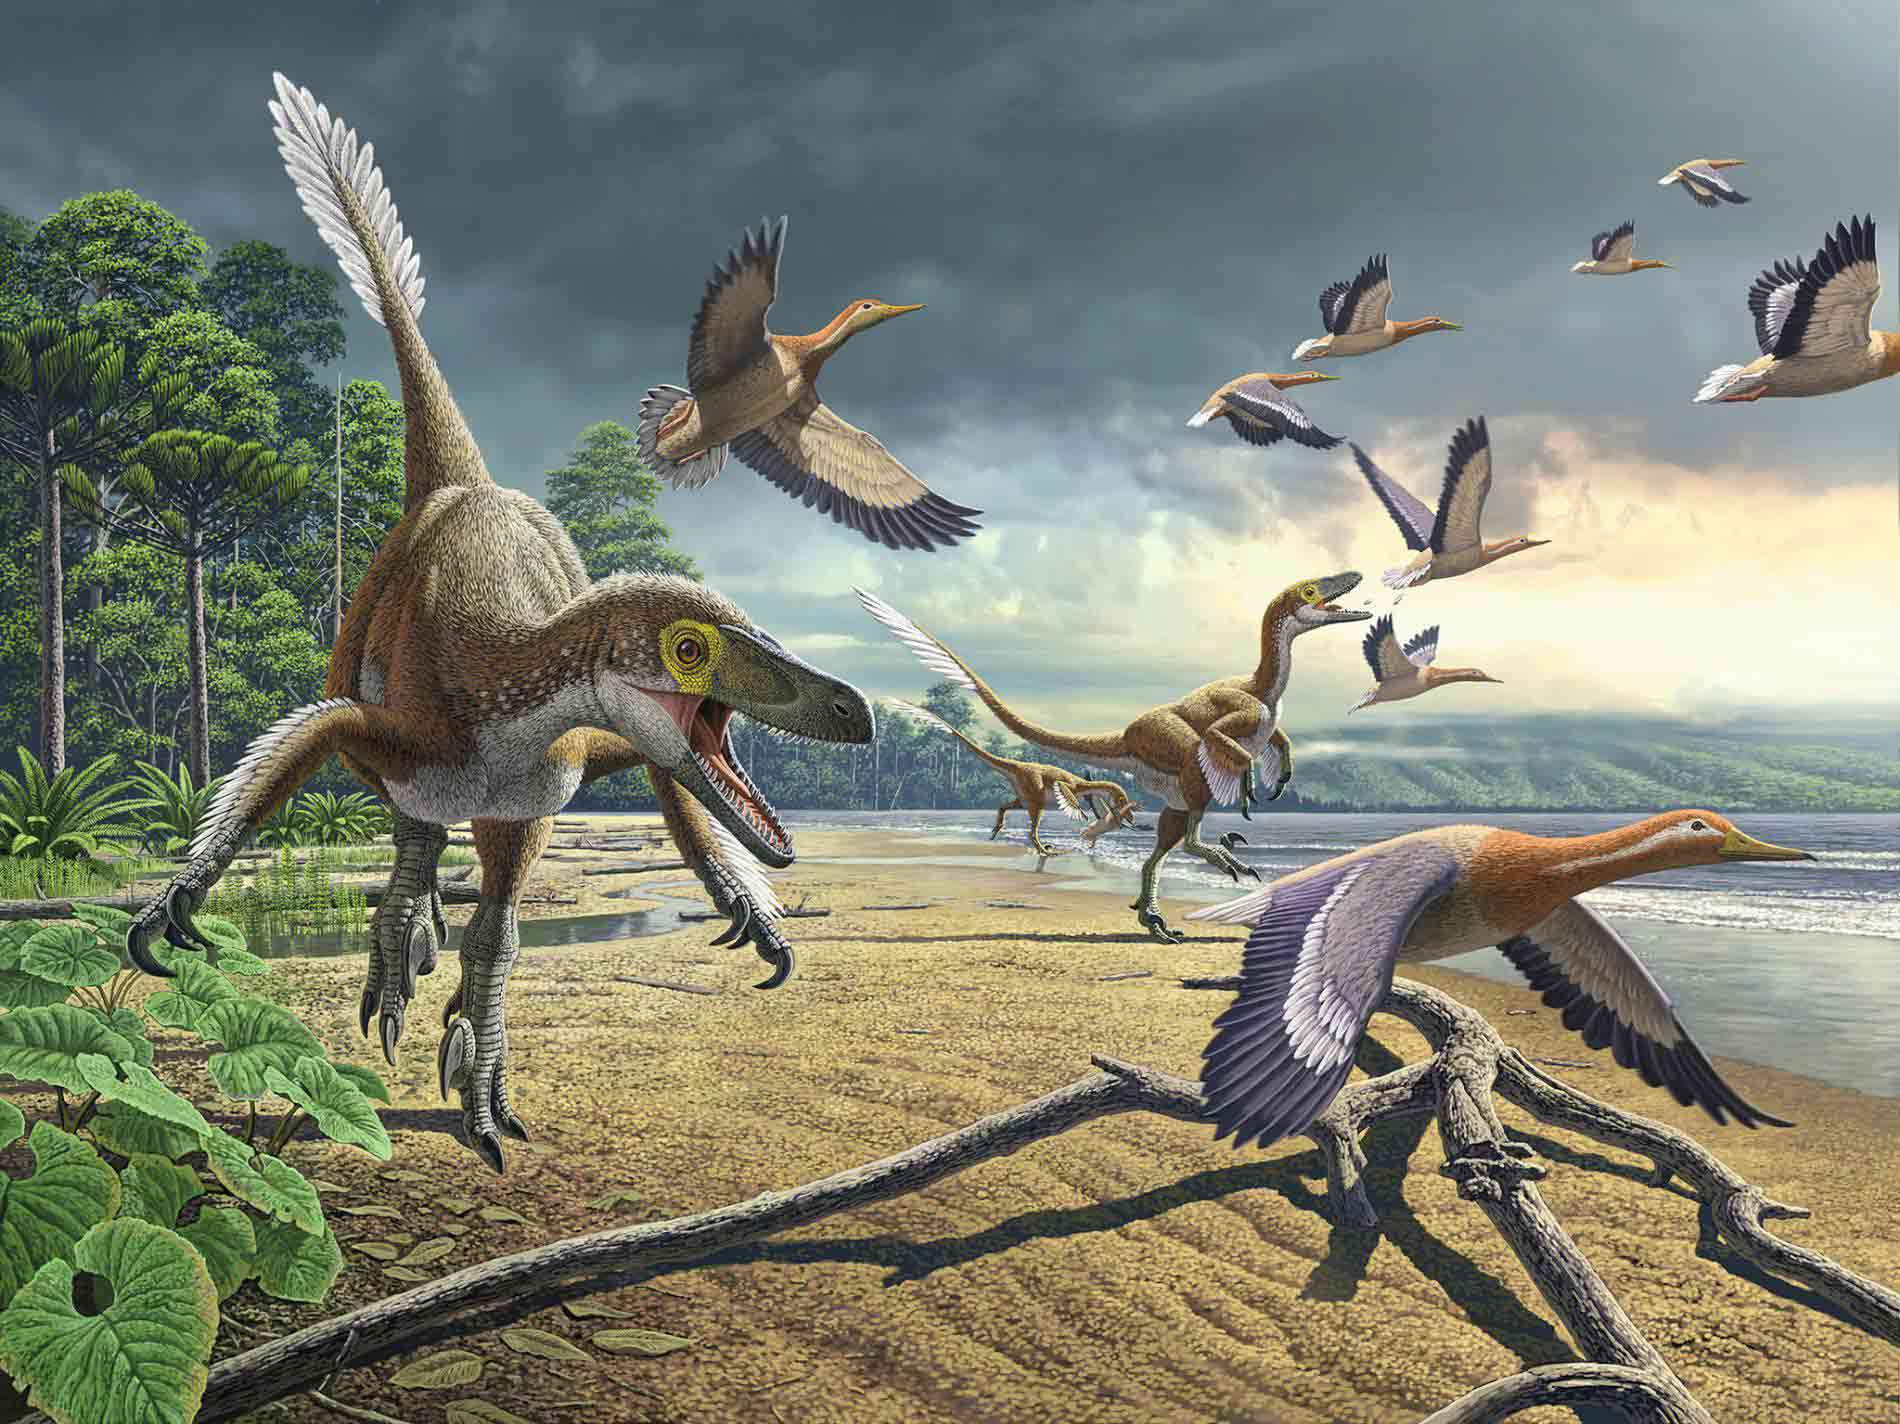 تبدیل دایناسورها به پرنده/ dinosaurs became birds